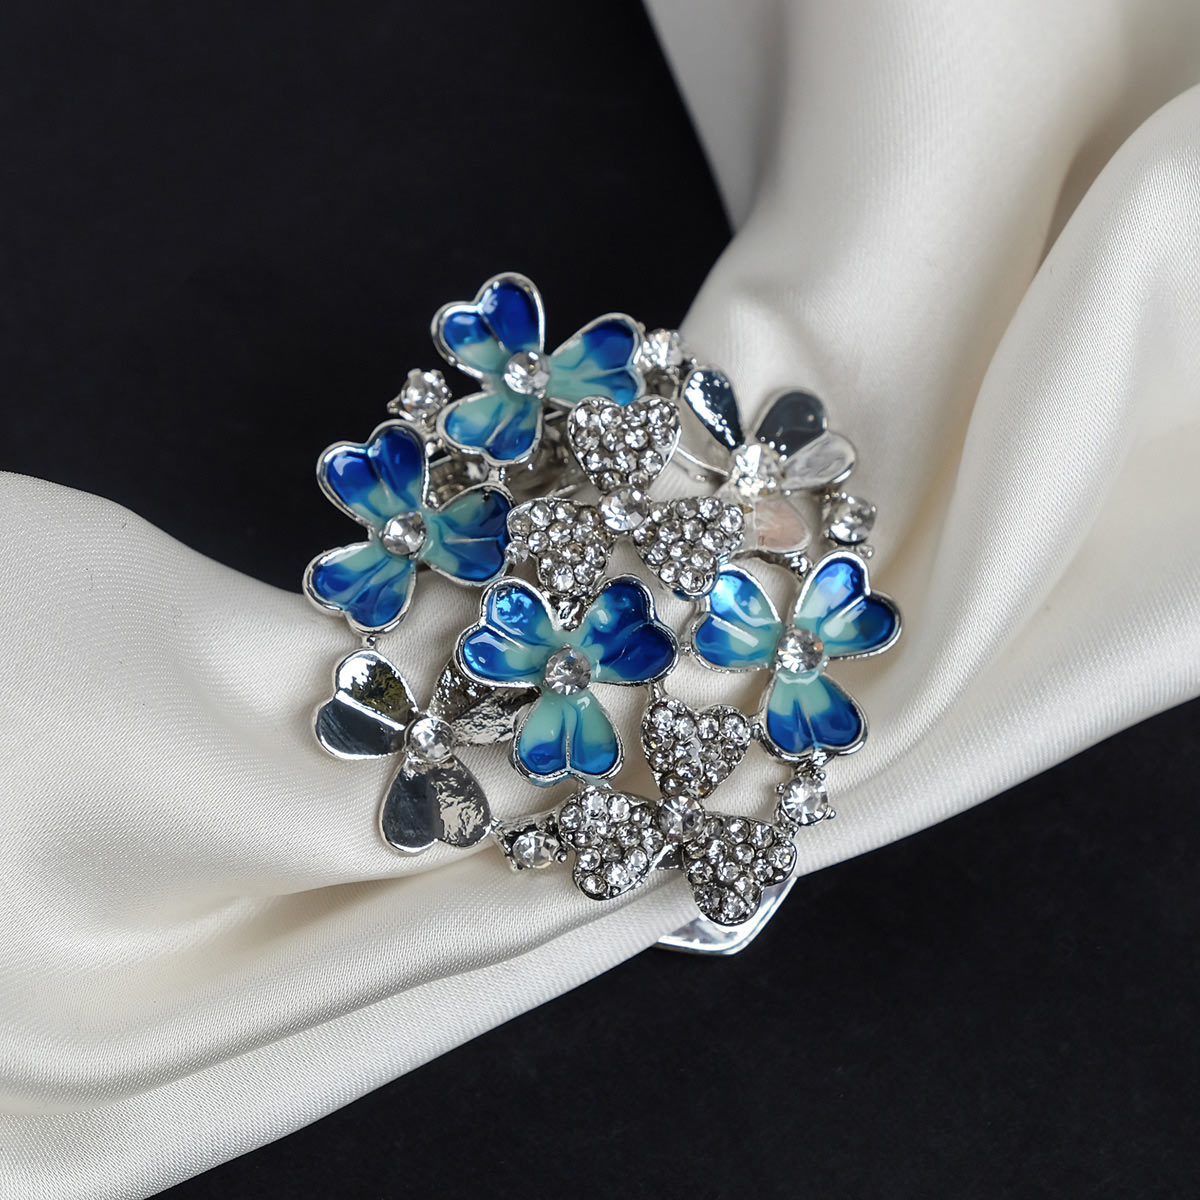 4687498 Зажим для платка 'Цветы', цвет бело-синий в серебре